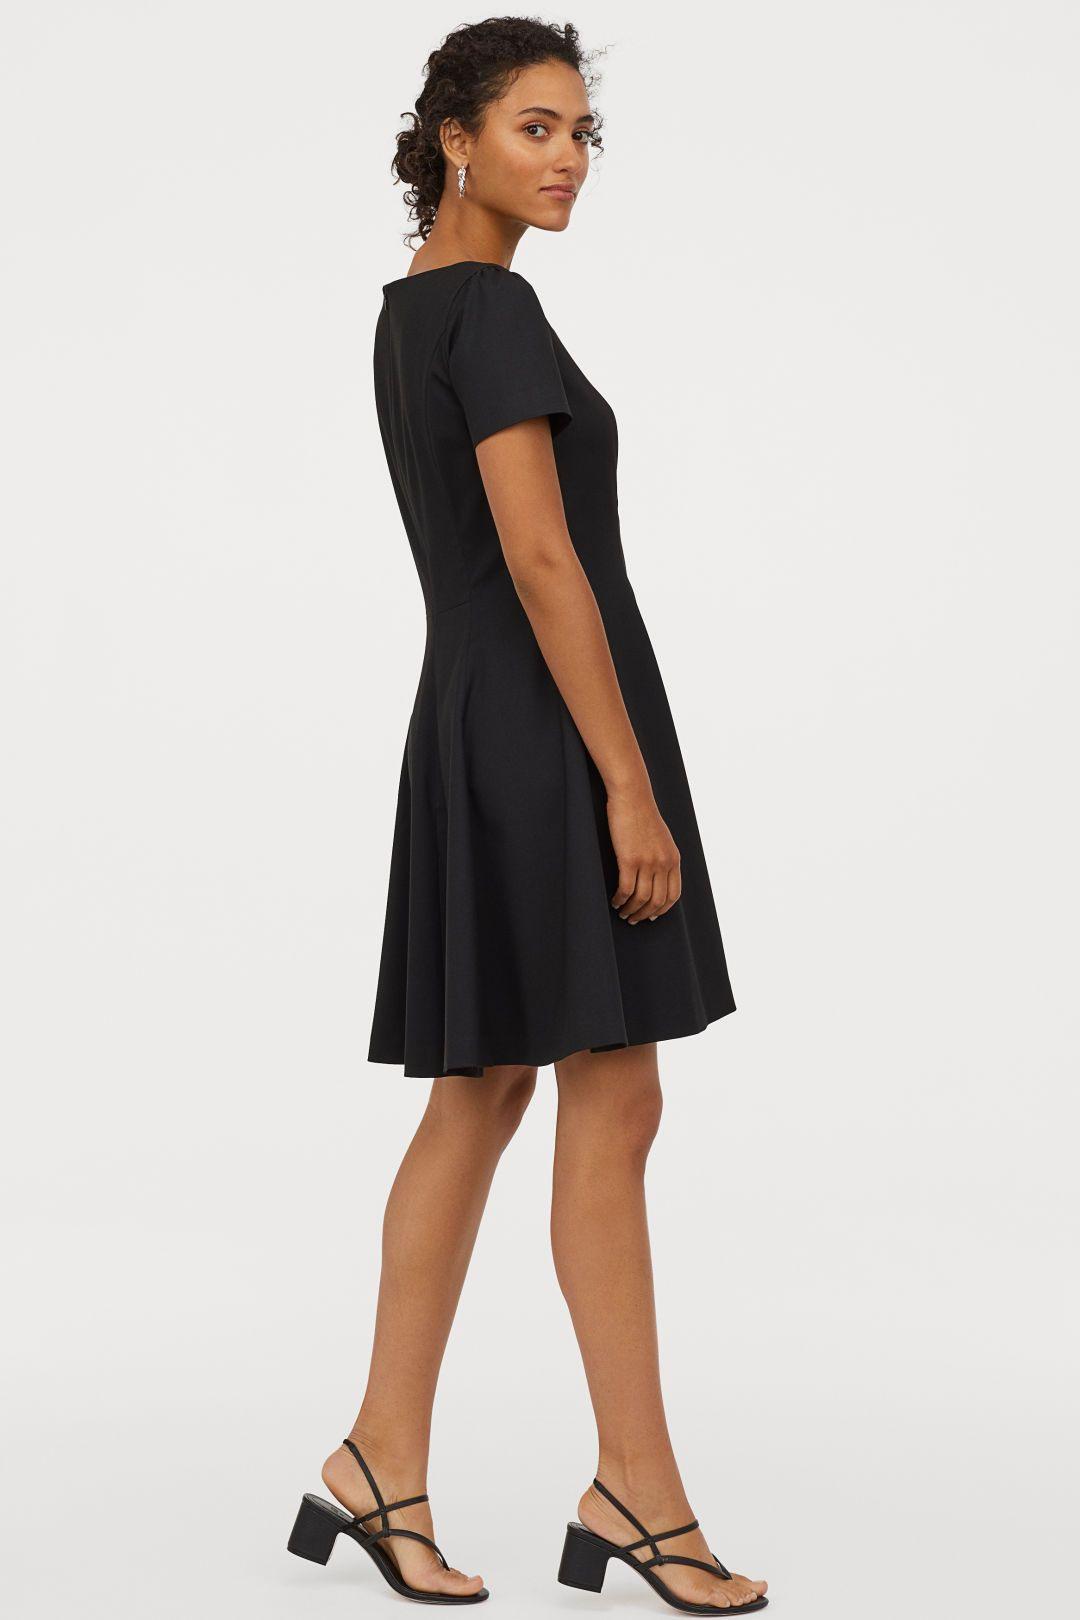 Kleid Mit Puffärmeln  Kleidung Kleidung Brautmutter Und